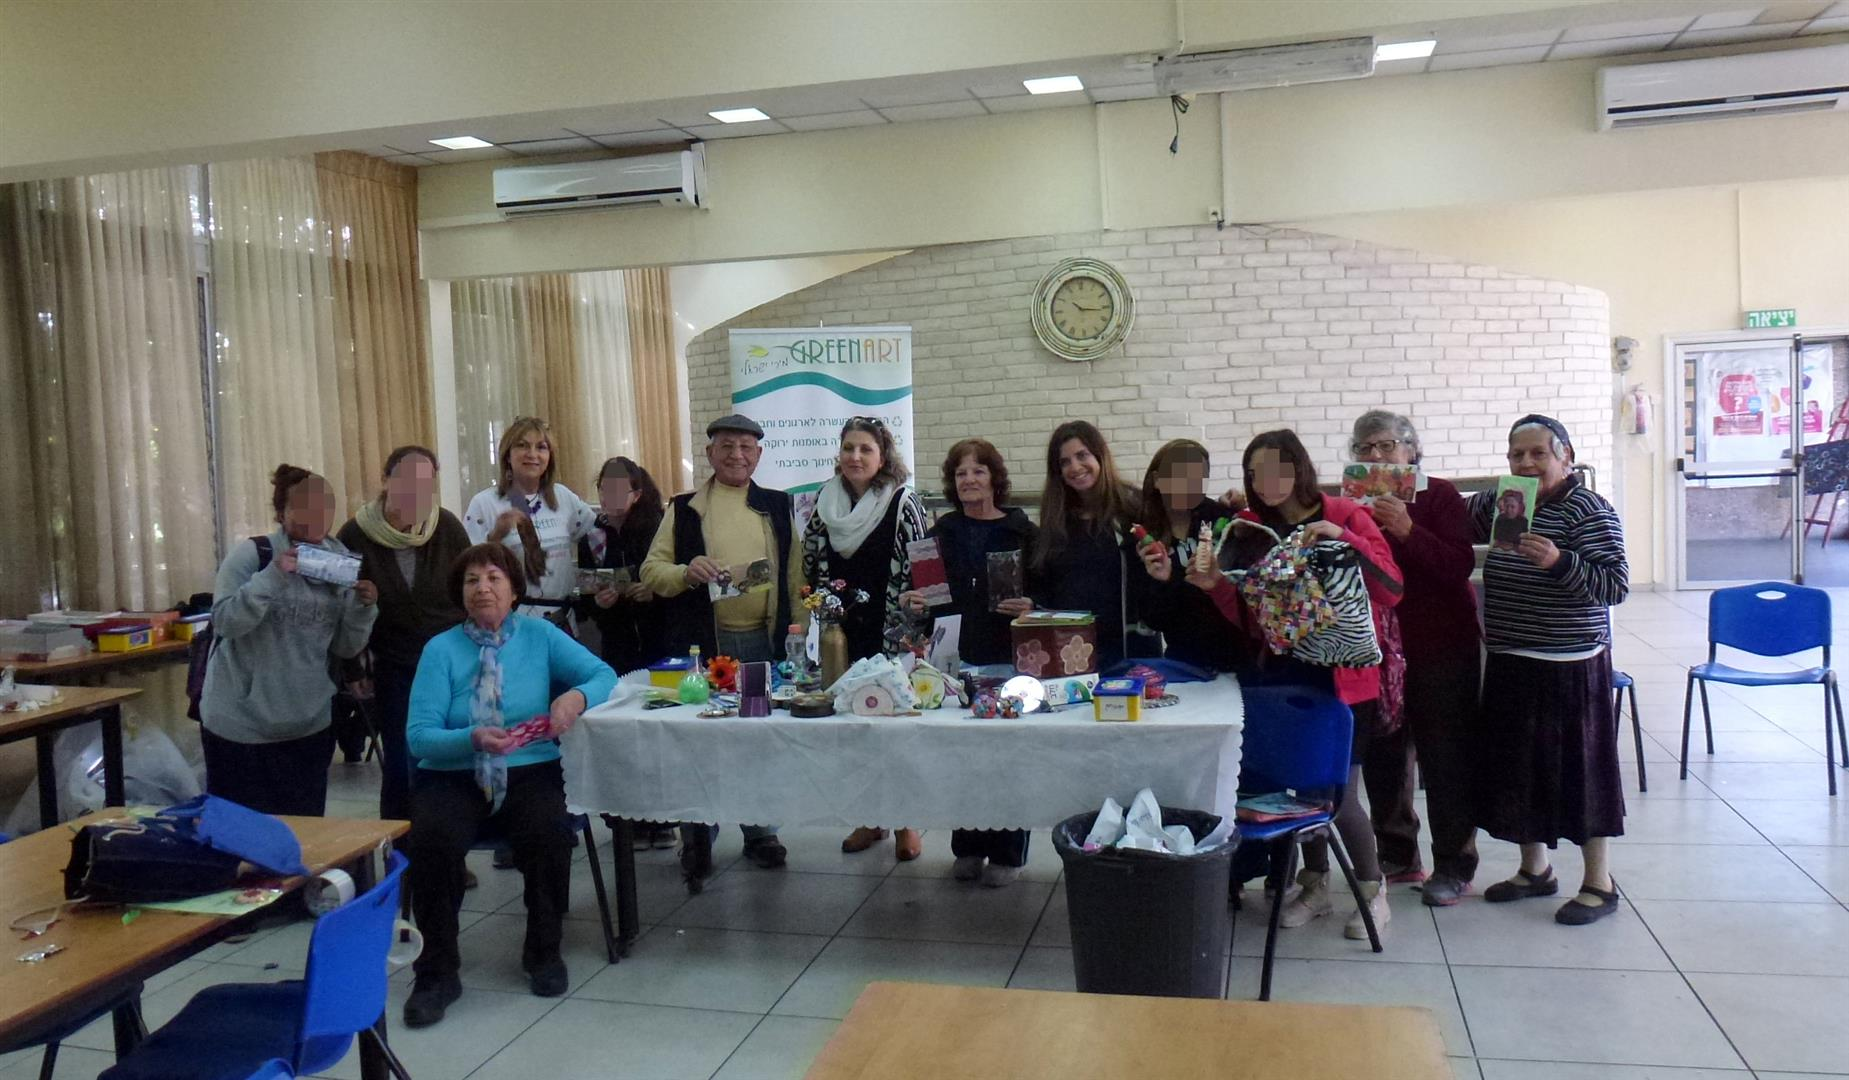 סדנת יצירה ירוקה בשיתוף נוער מנווה שרה המאמץ קשישים מ